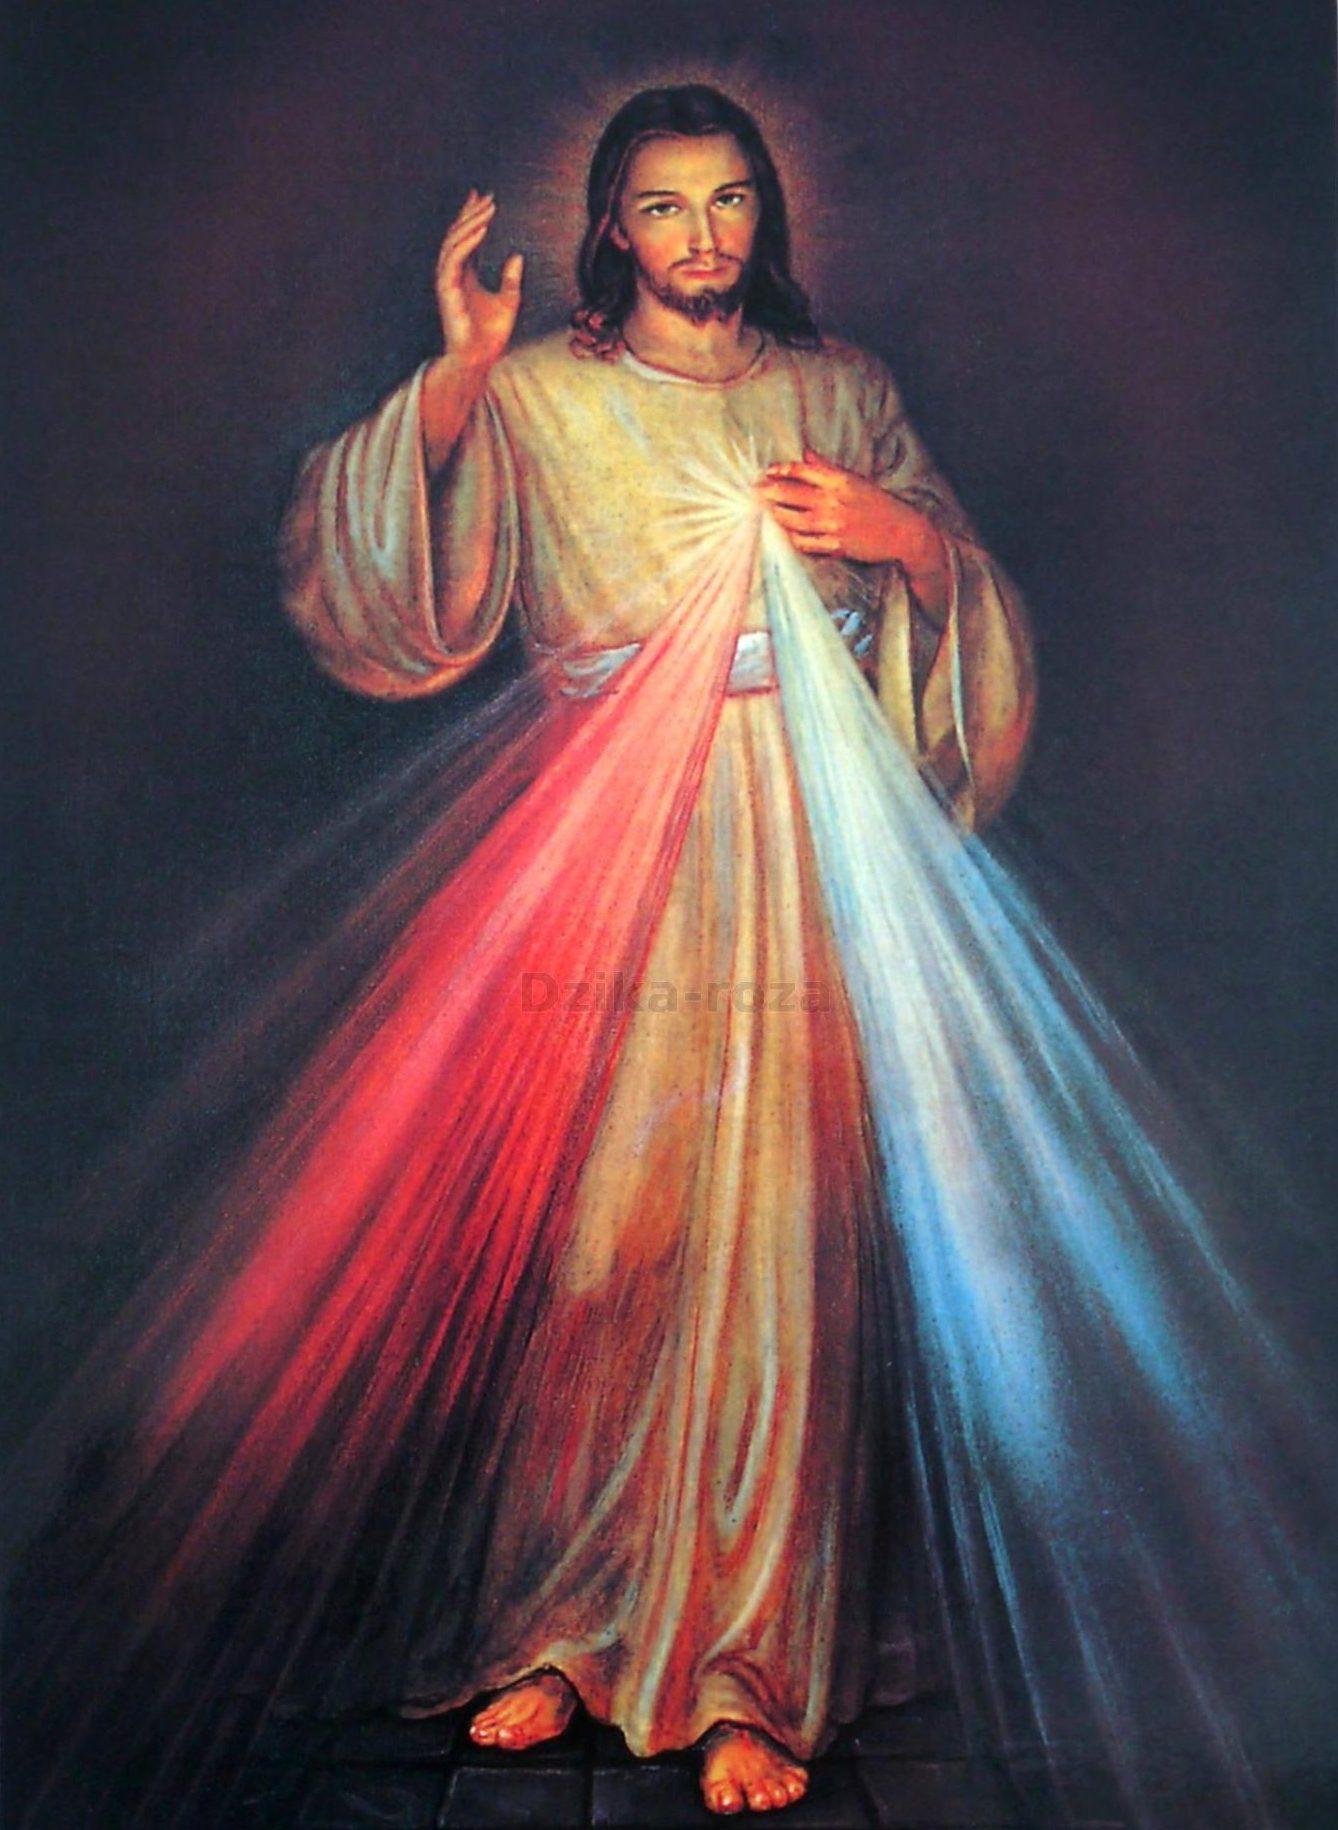 RozważaNiedzielne #74 | II Niedziela Wielkanocy  8 kwietnia 2018 r.